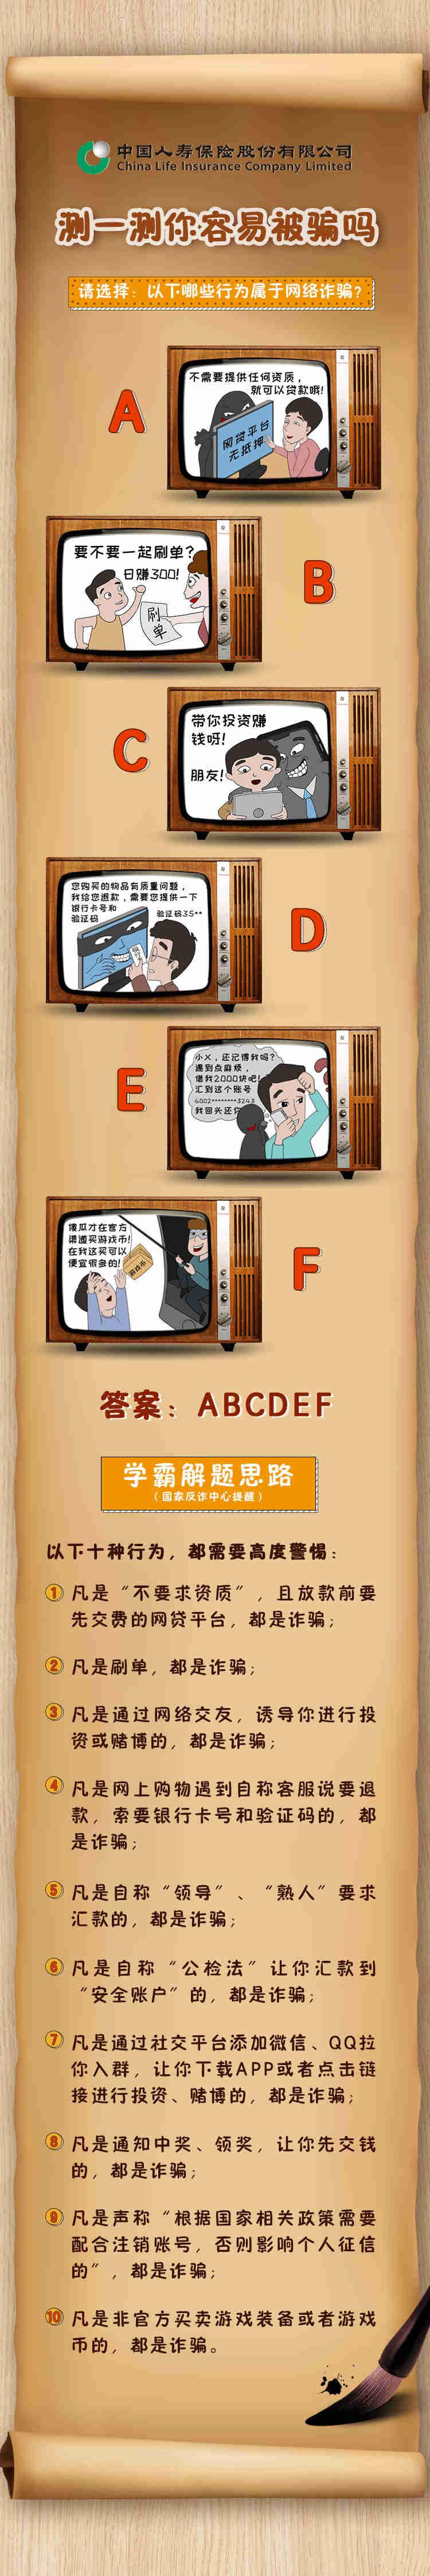 《测测你容易被骗吗?中国人寿邀你辨别电信网络诈骗》